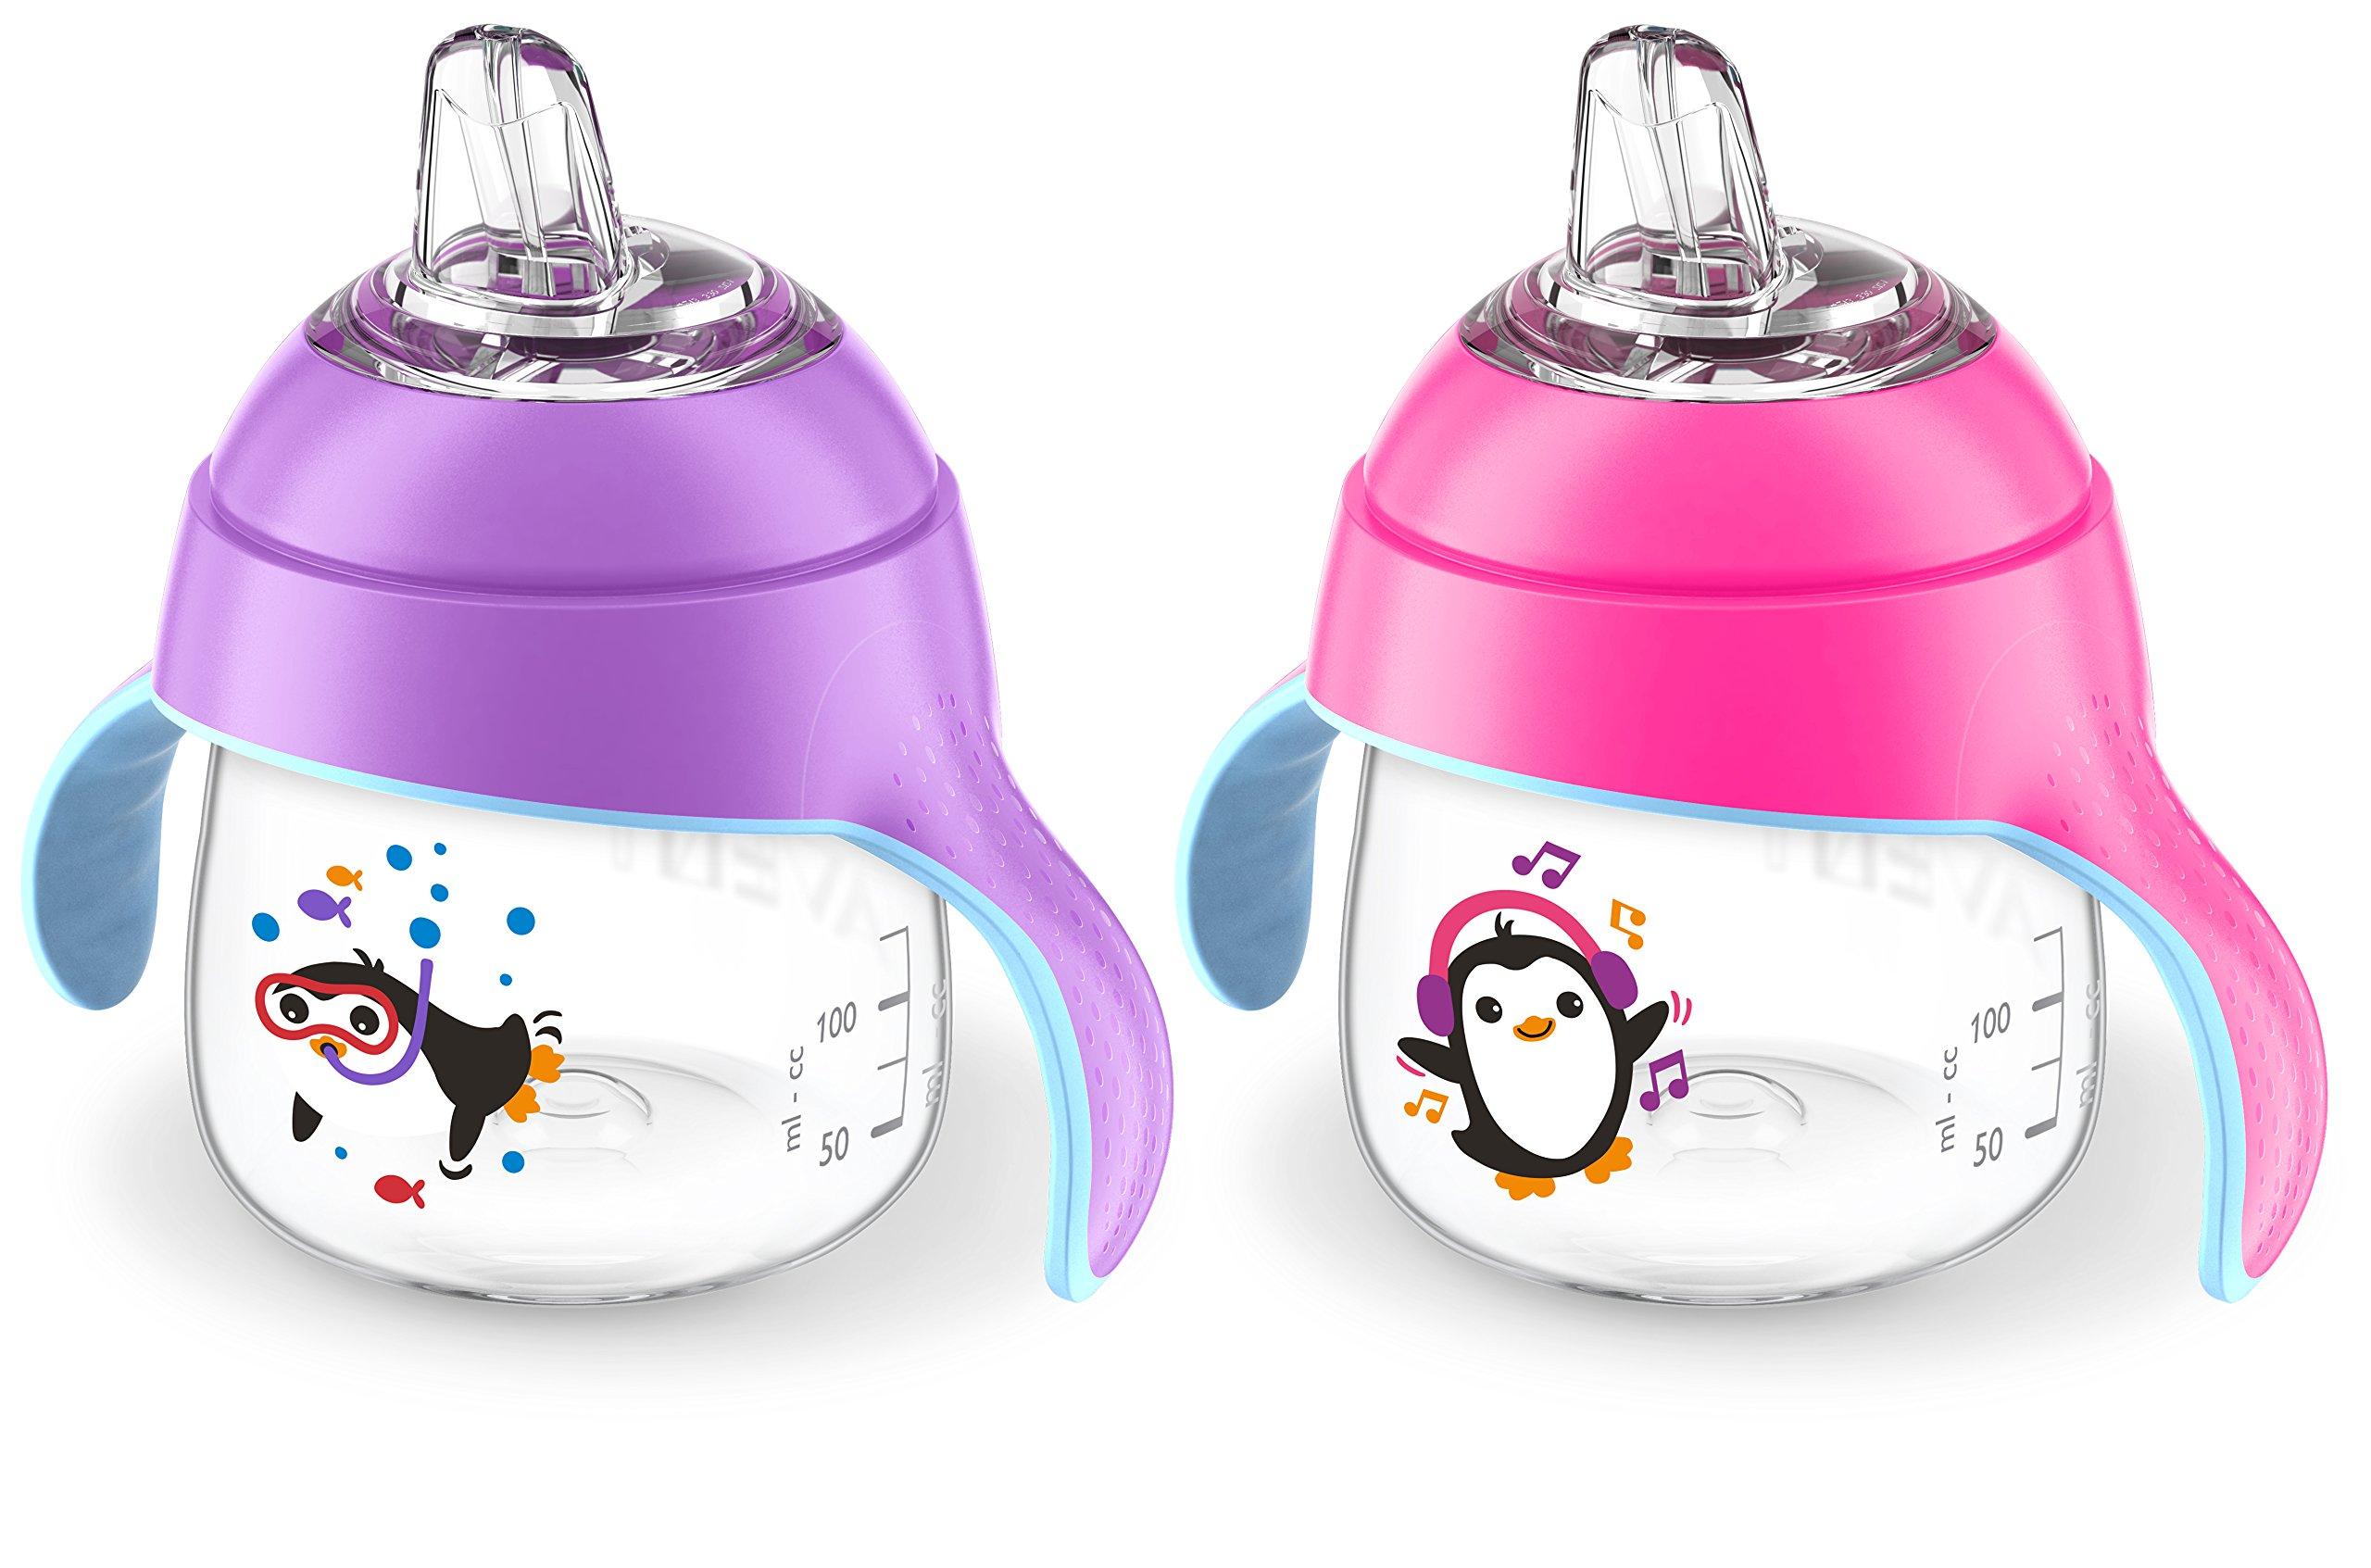 Philips Avent Premium Spout Penguin Cup 7oz - Double, Pink/Purple SCF751/29 by Philips AVENT